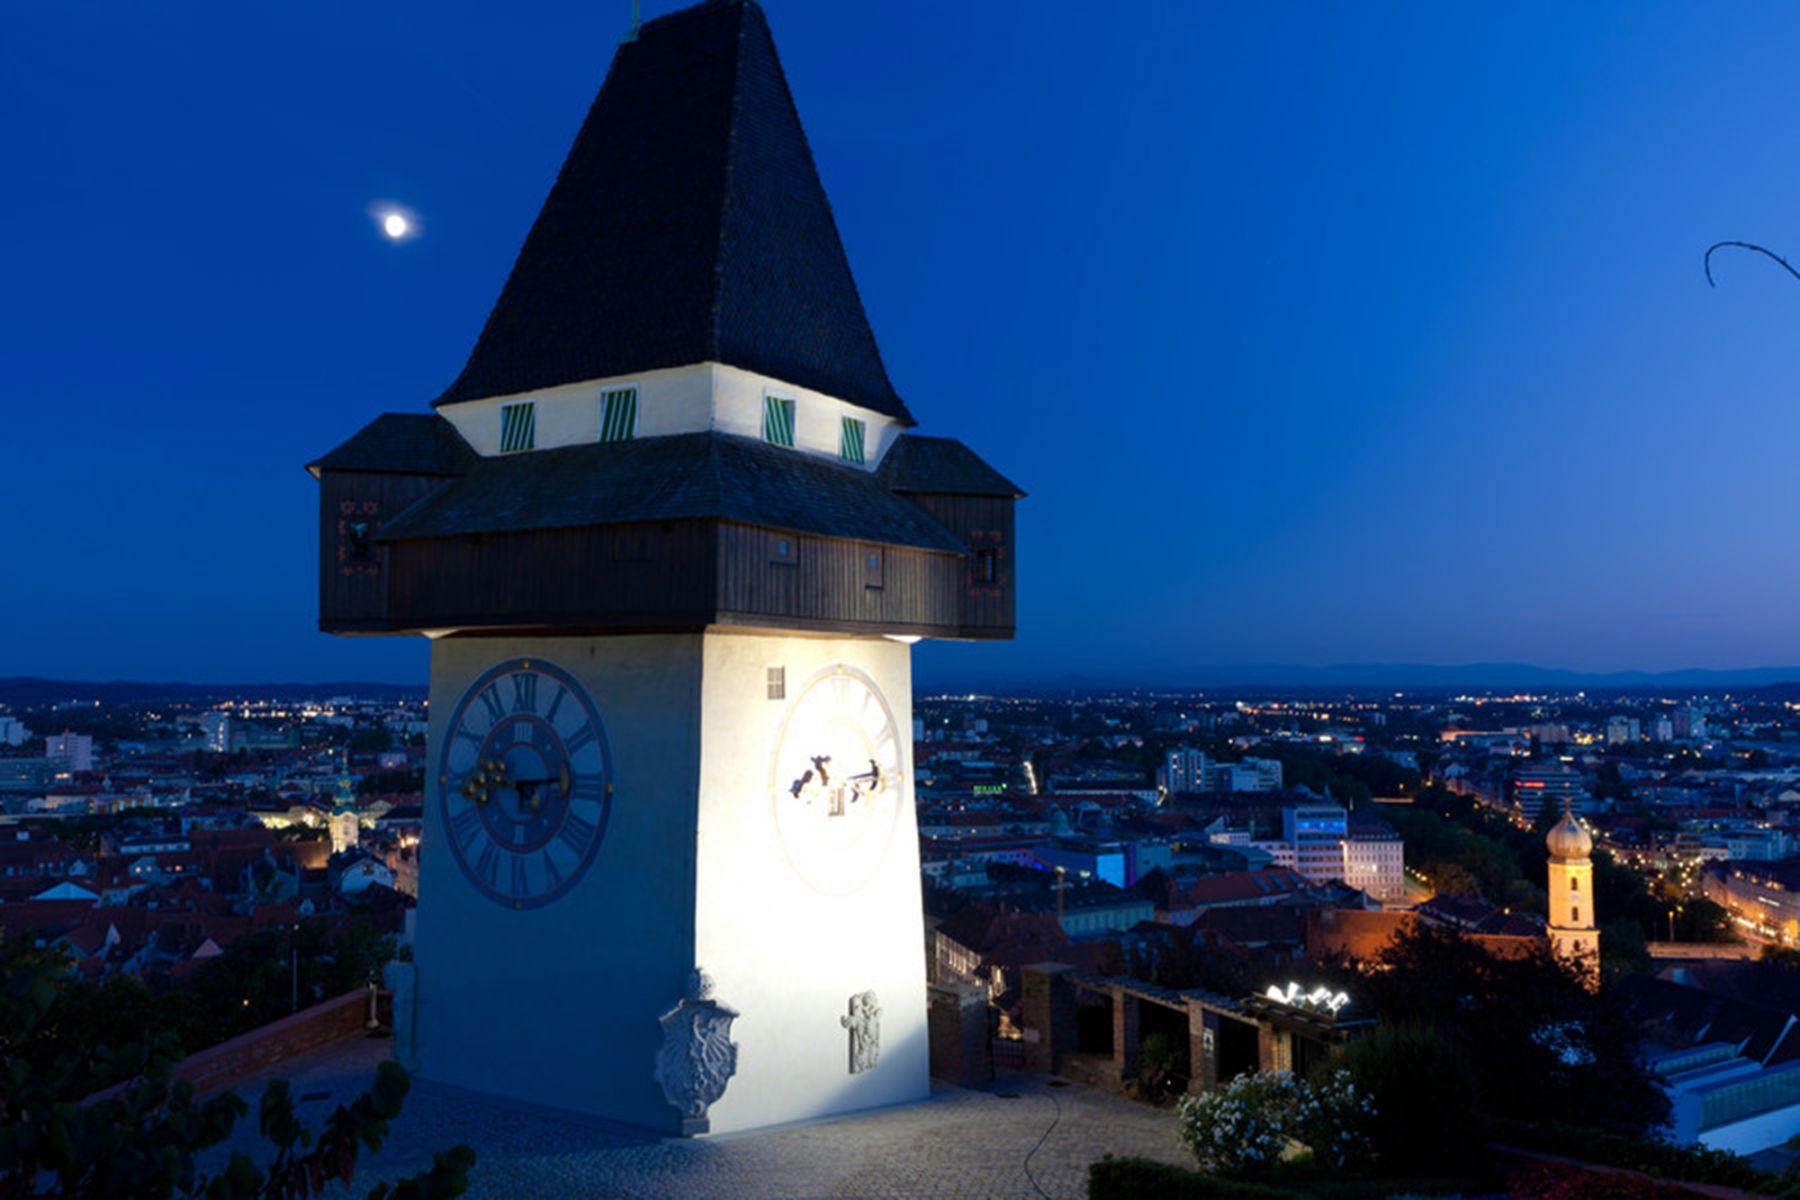 Uitzicht over de klokkentoren in de avond | credit: Graz Tourismus - Harry Schiffer